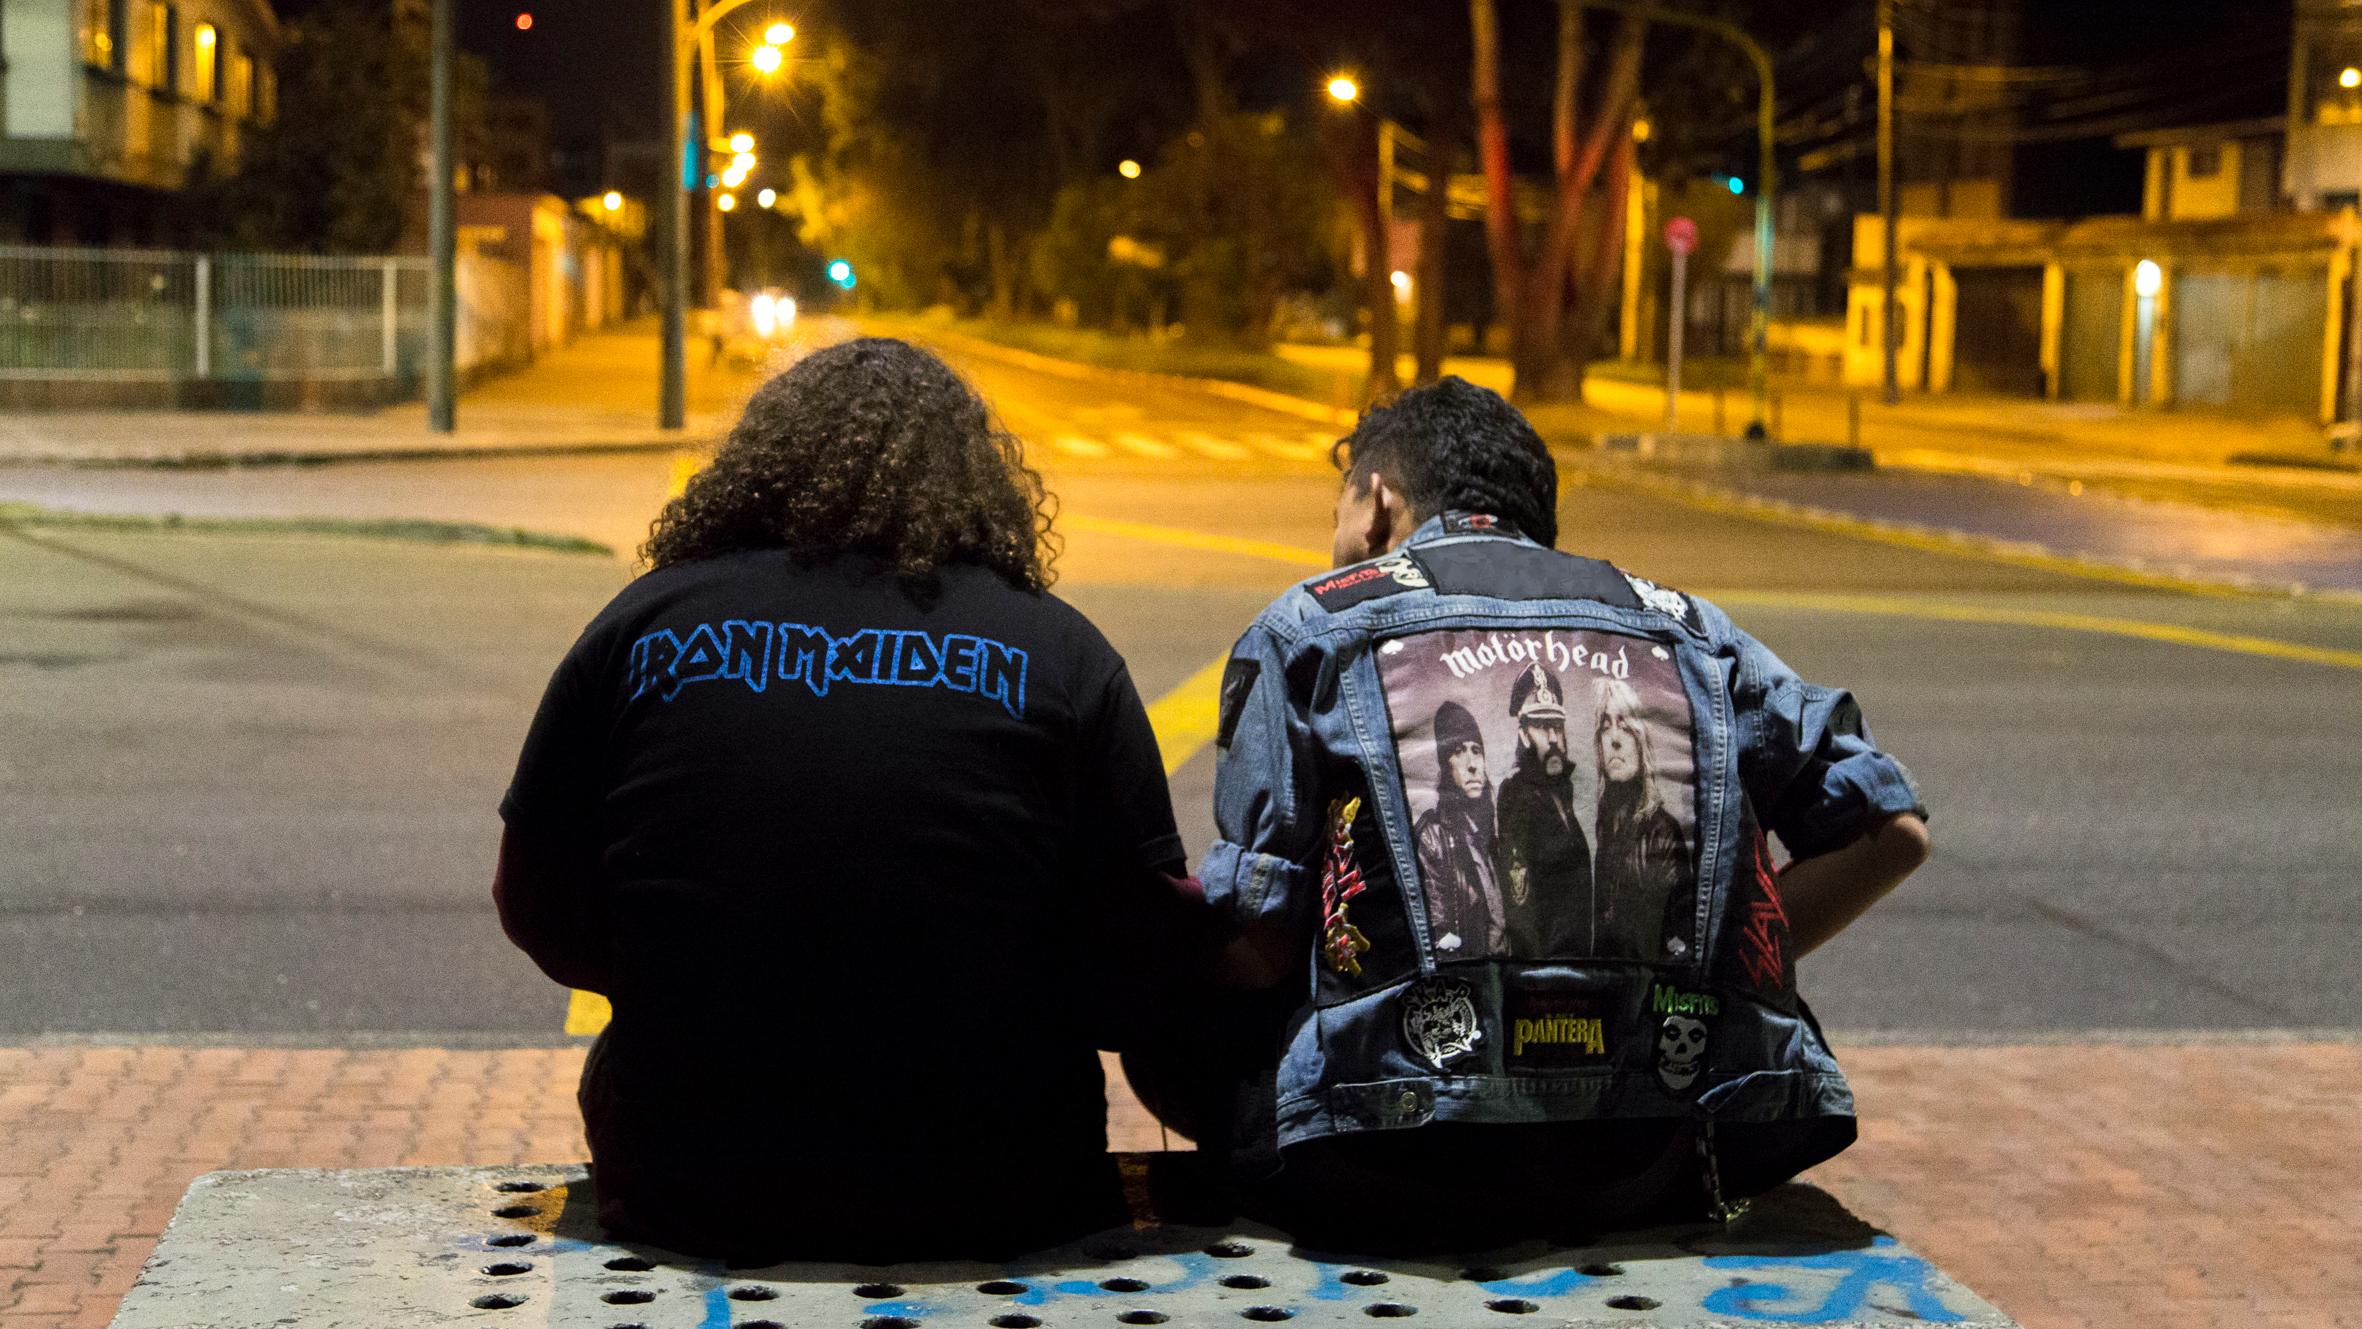 Música, amistad y Bogotá en 'La Noche de la bestia'